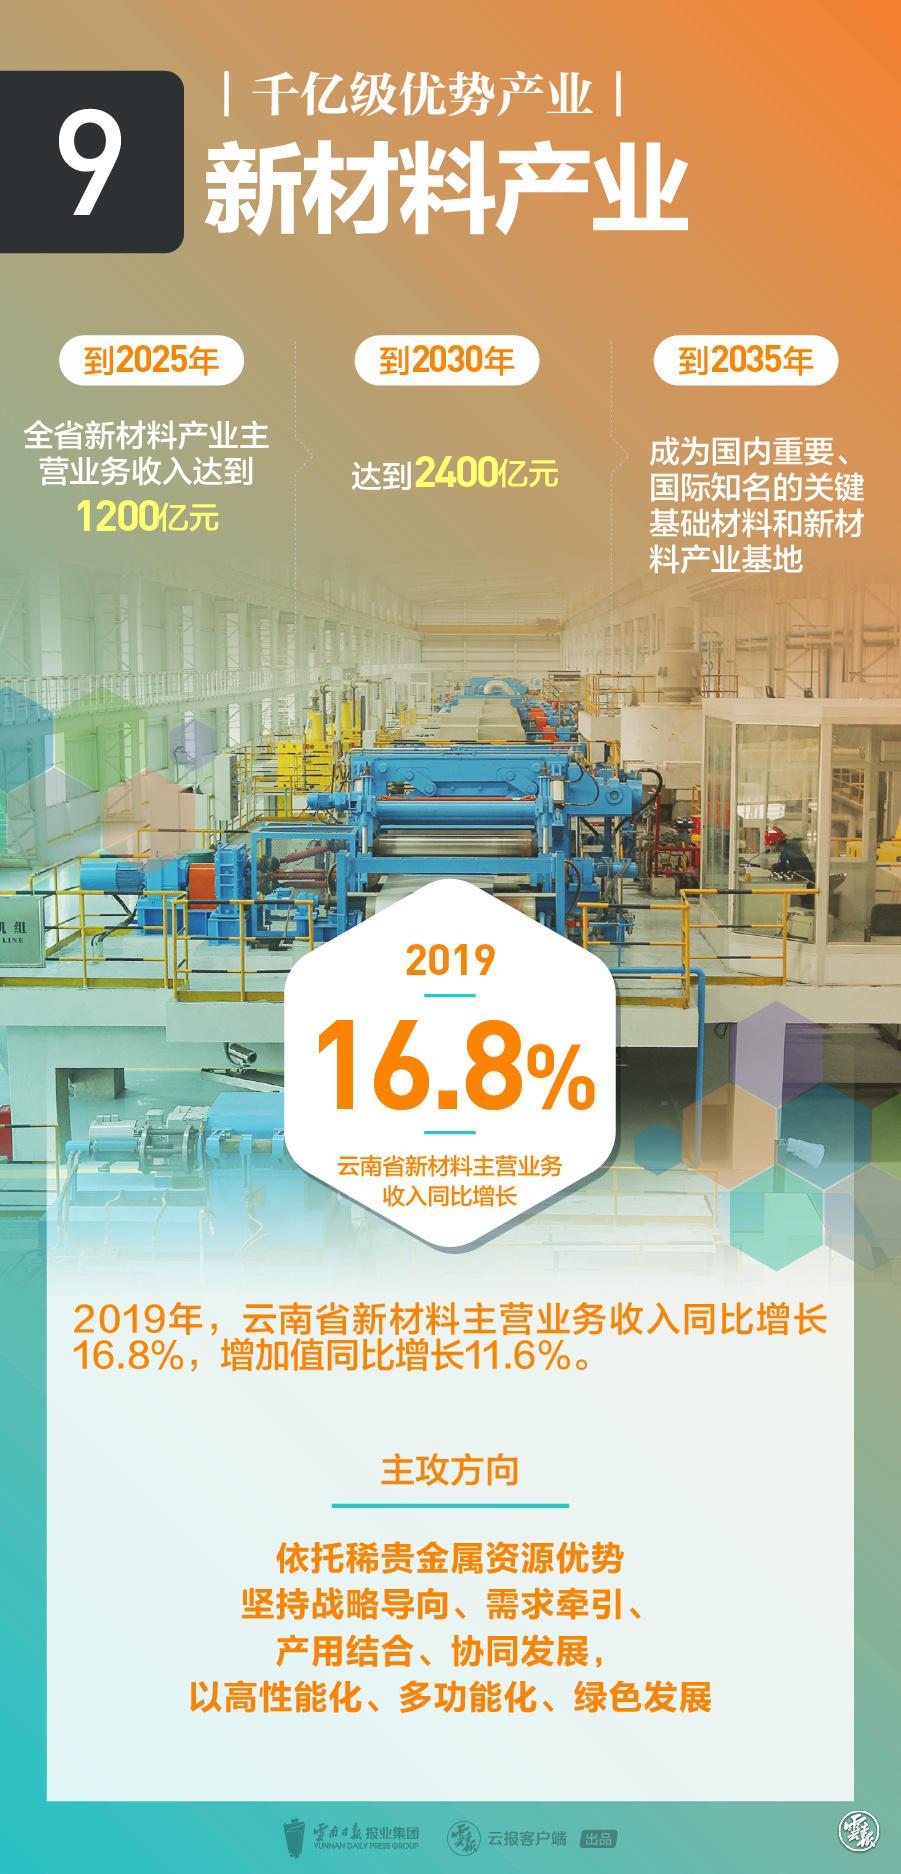 9 新材料产业.jpg